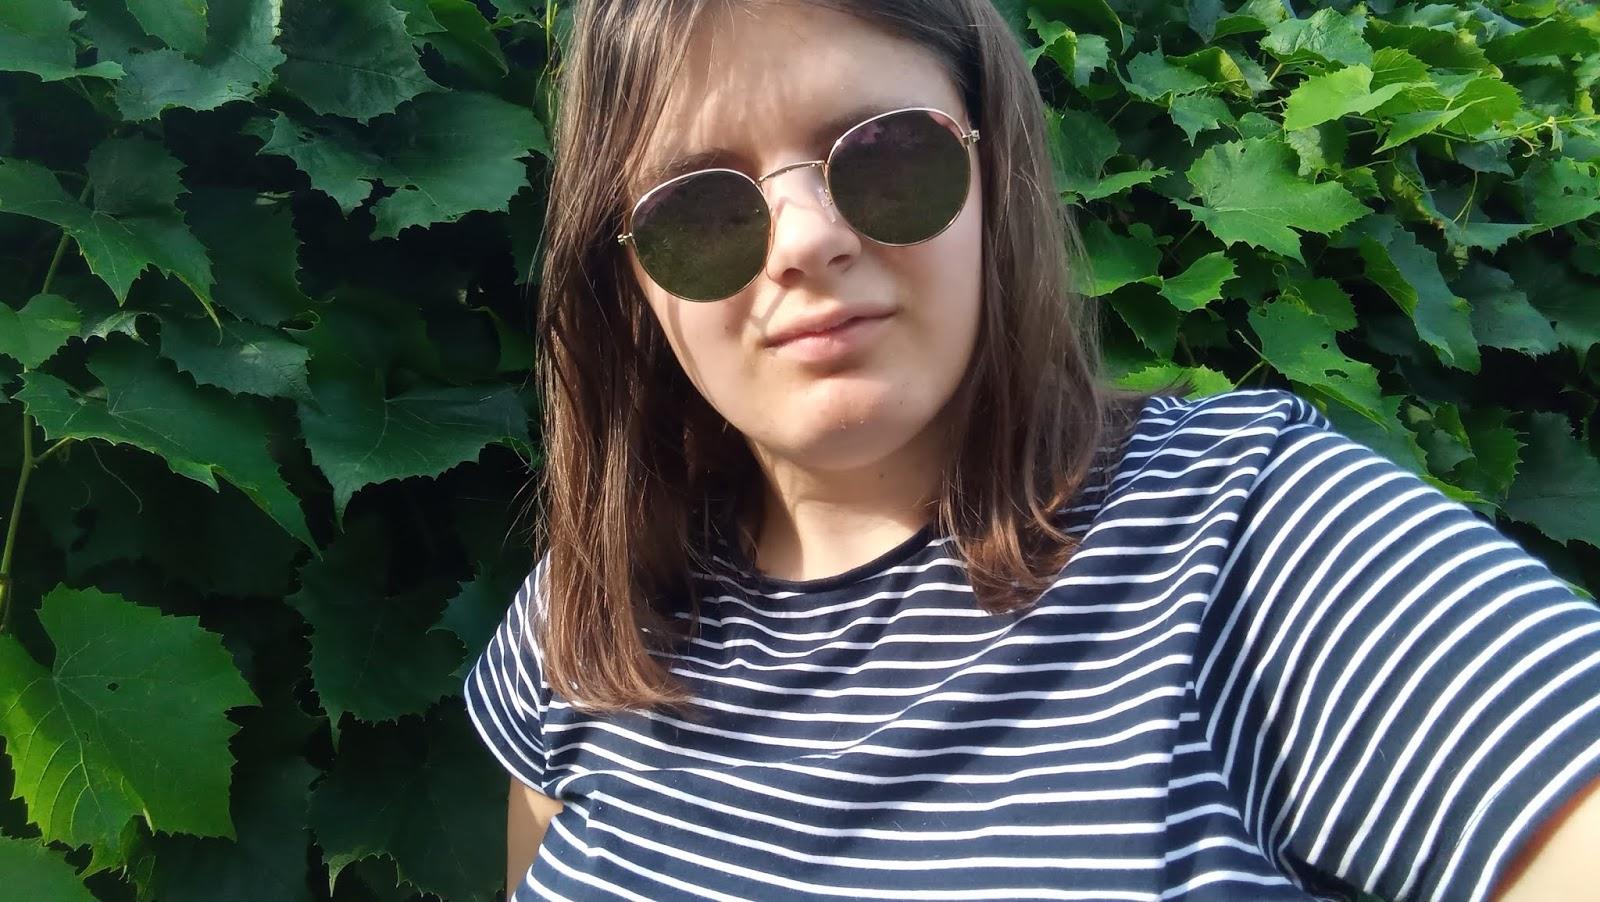 Moja kolekcja okularów przeciwsłonecznych